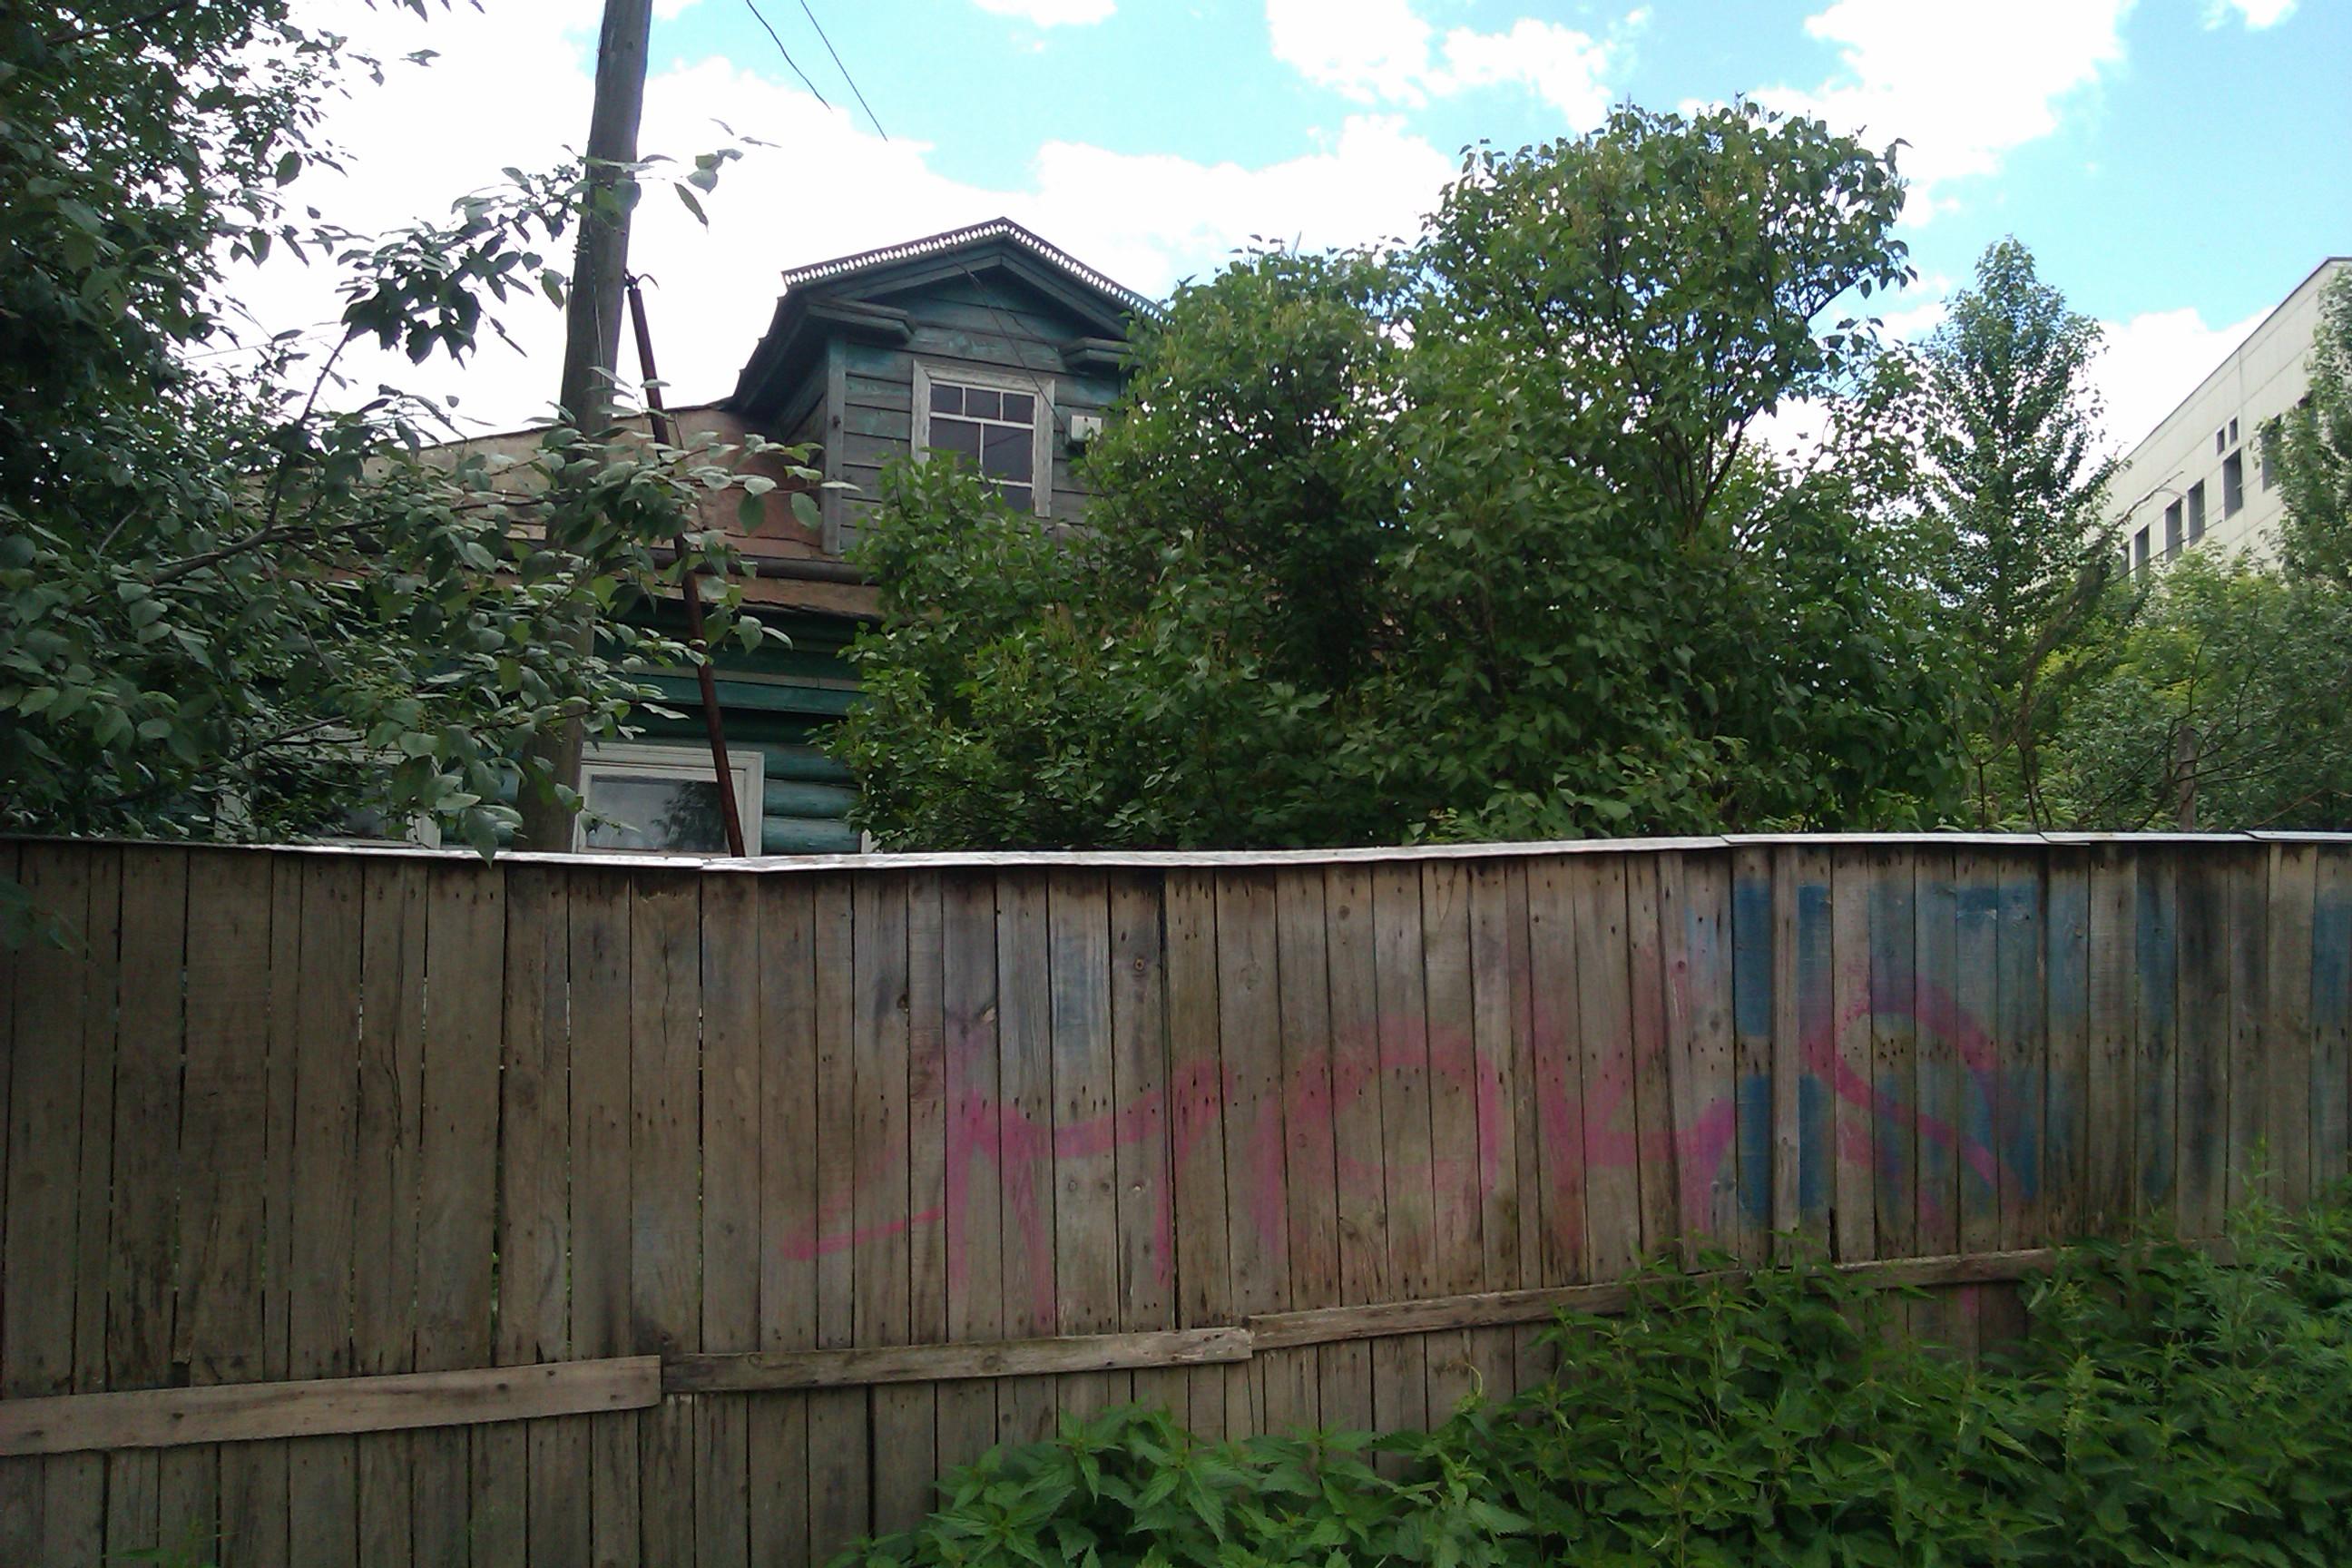 Последний деревенский дом в районе Раменки, Москва. Фото Игорь Андреев/Великая Эпоха